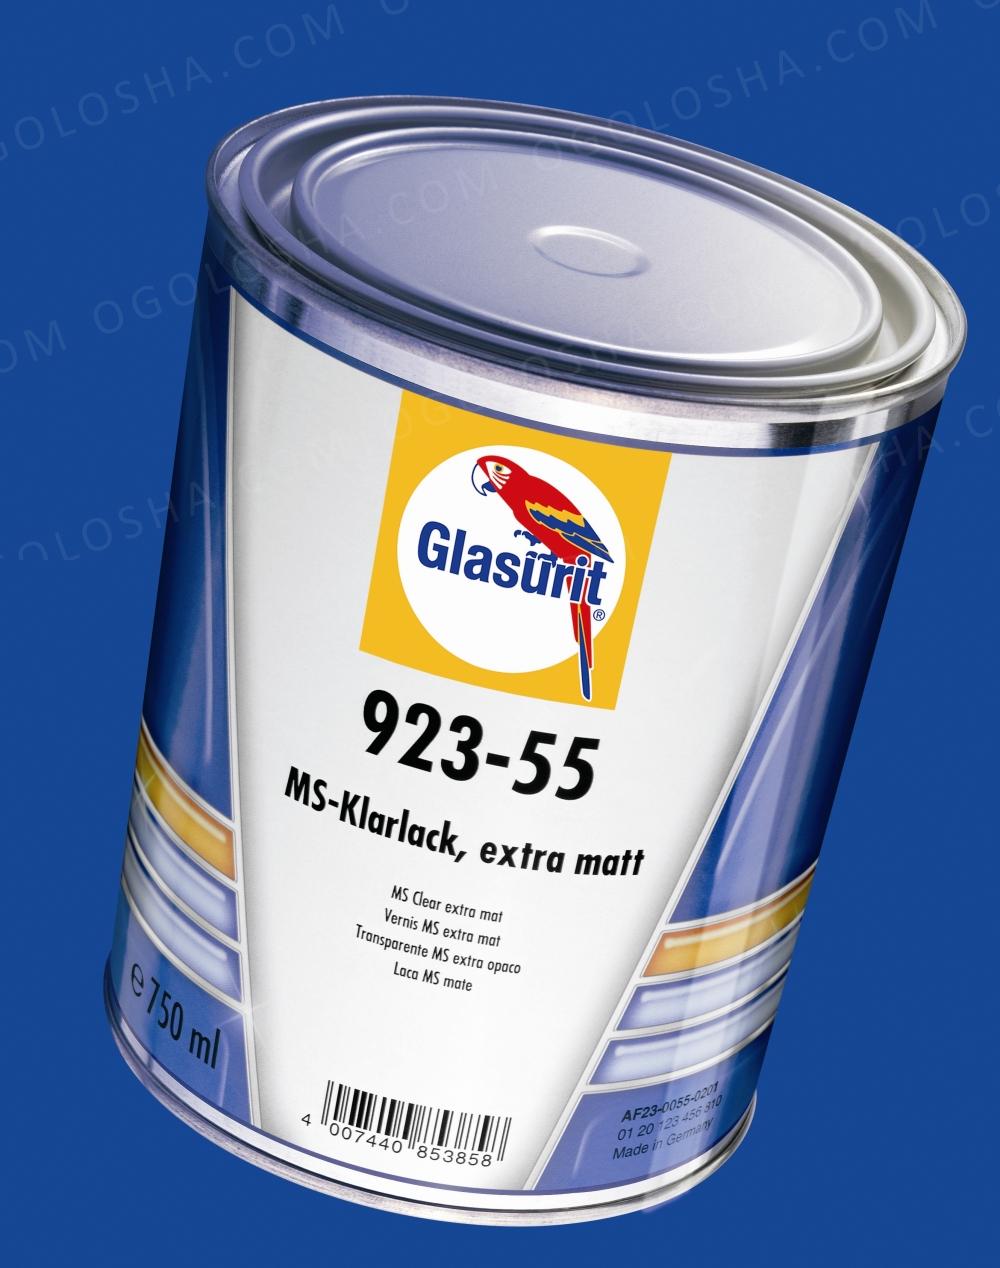 Матовый лак для автомобиля Glasurit 923-55, эстра матовый, высококачественный, BASF, Германия